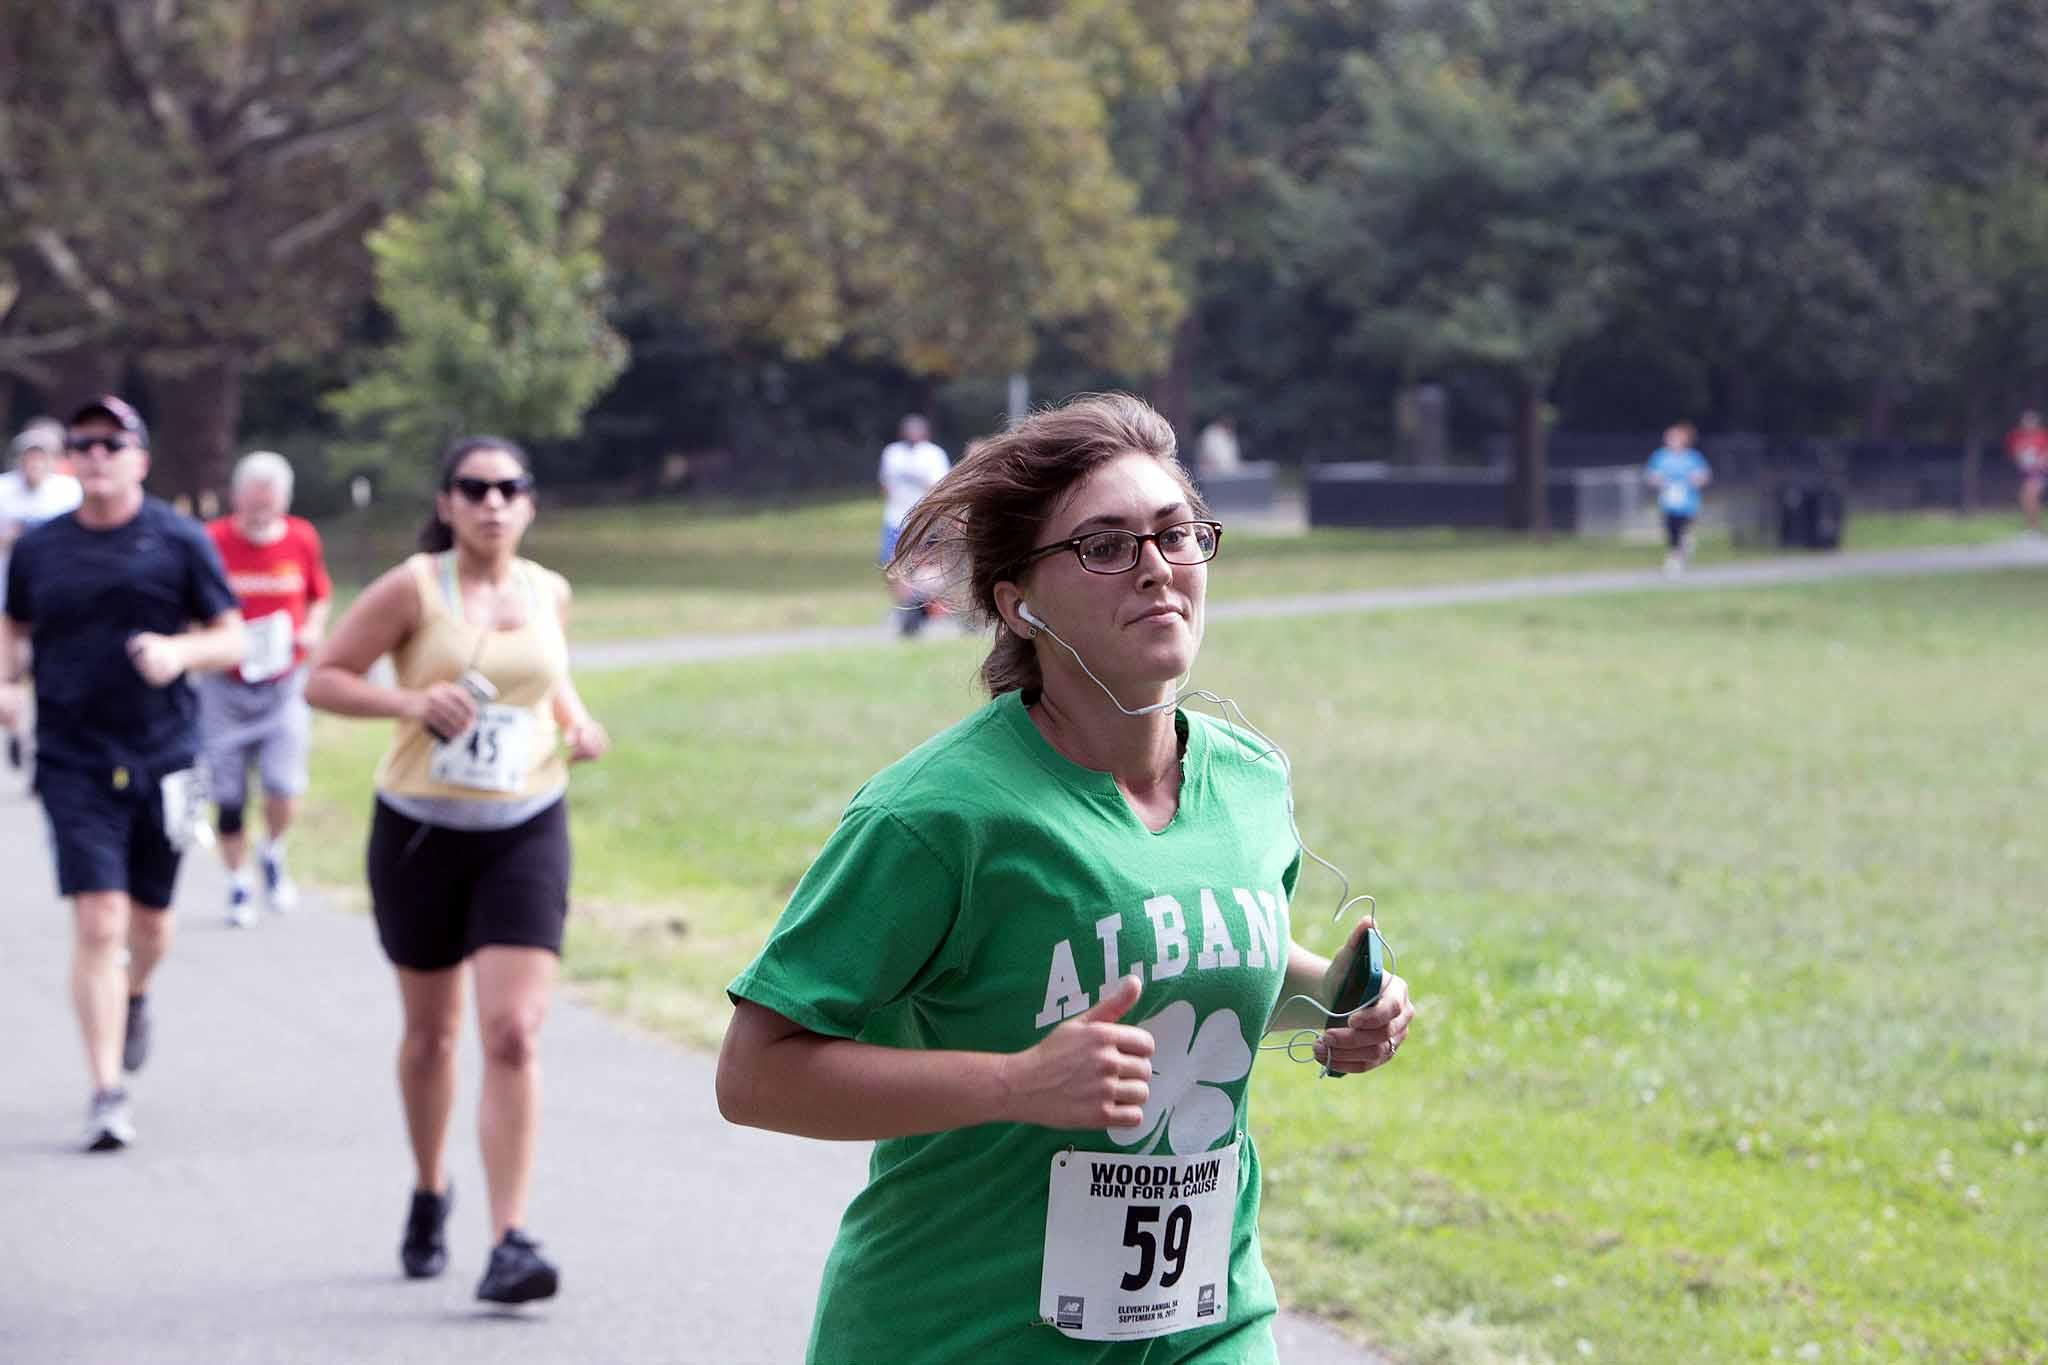 52-Woodlawn Run for a Cause-106.jpg